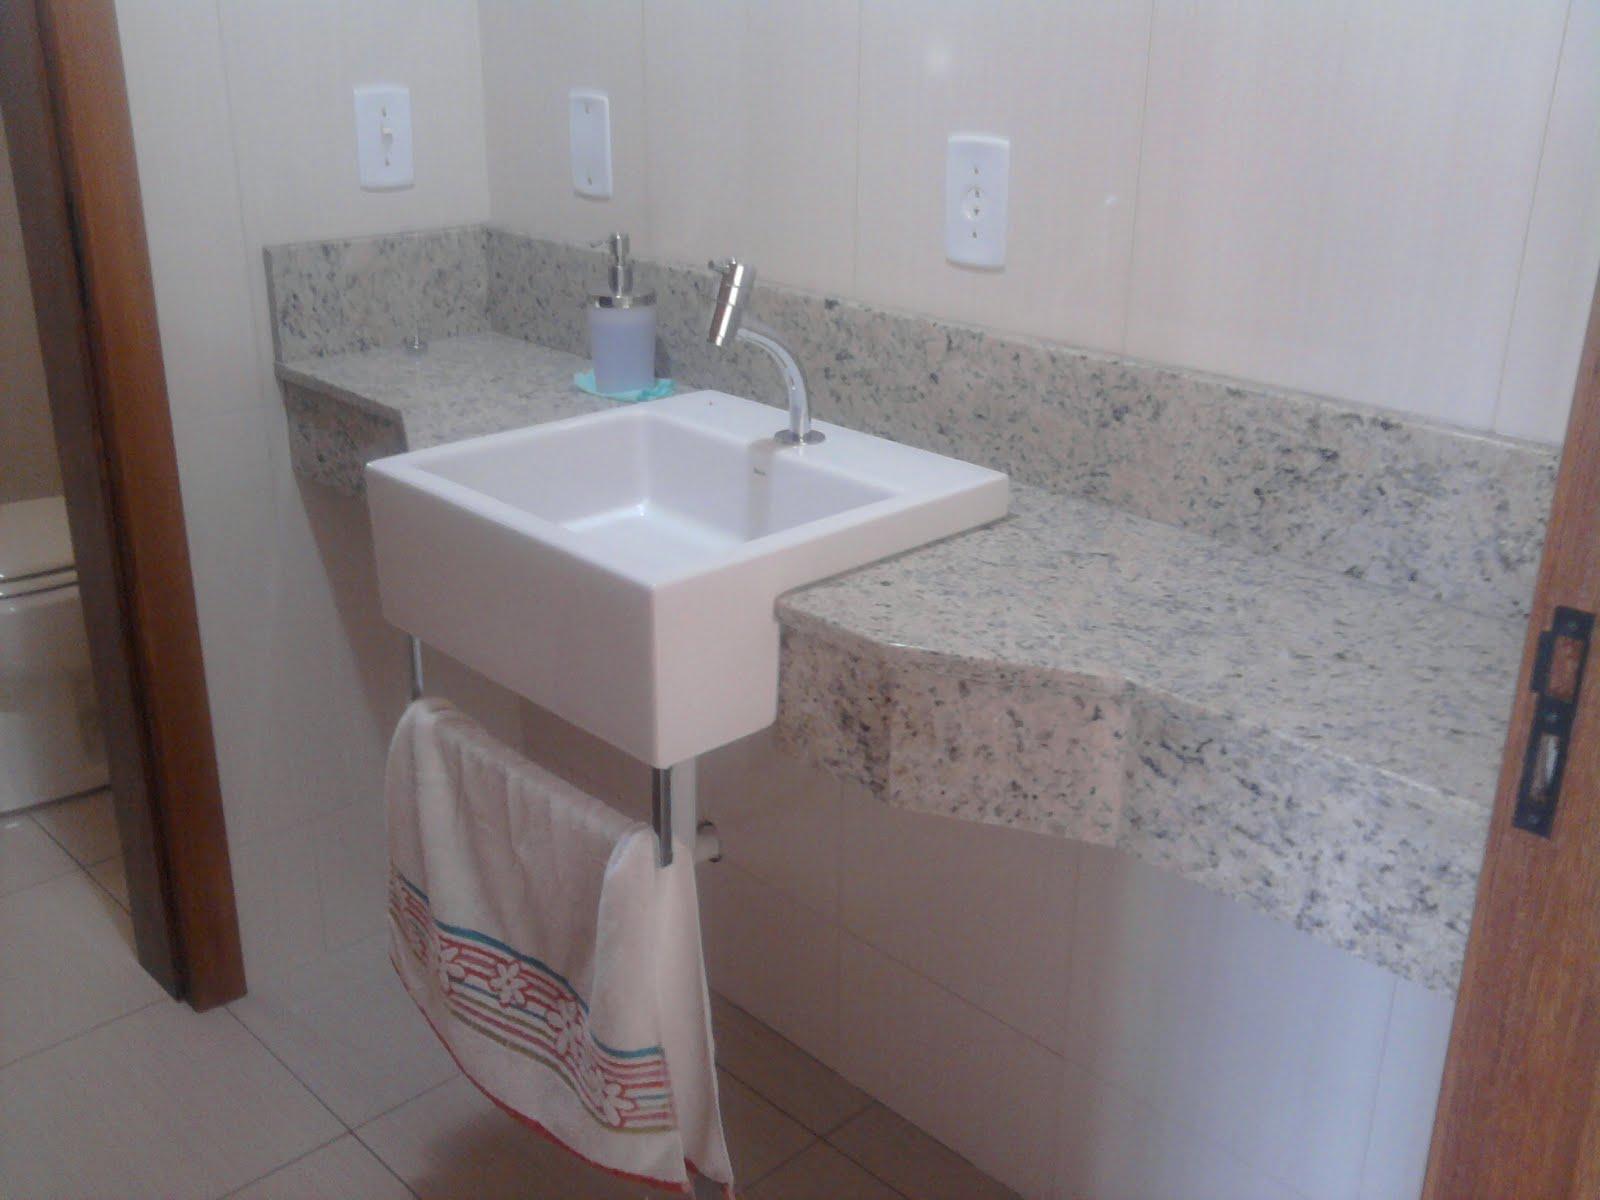 Pia de Banheiro em Granito Icarai #43312C 1600x1200 Bancada Banheiro Rj